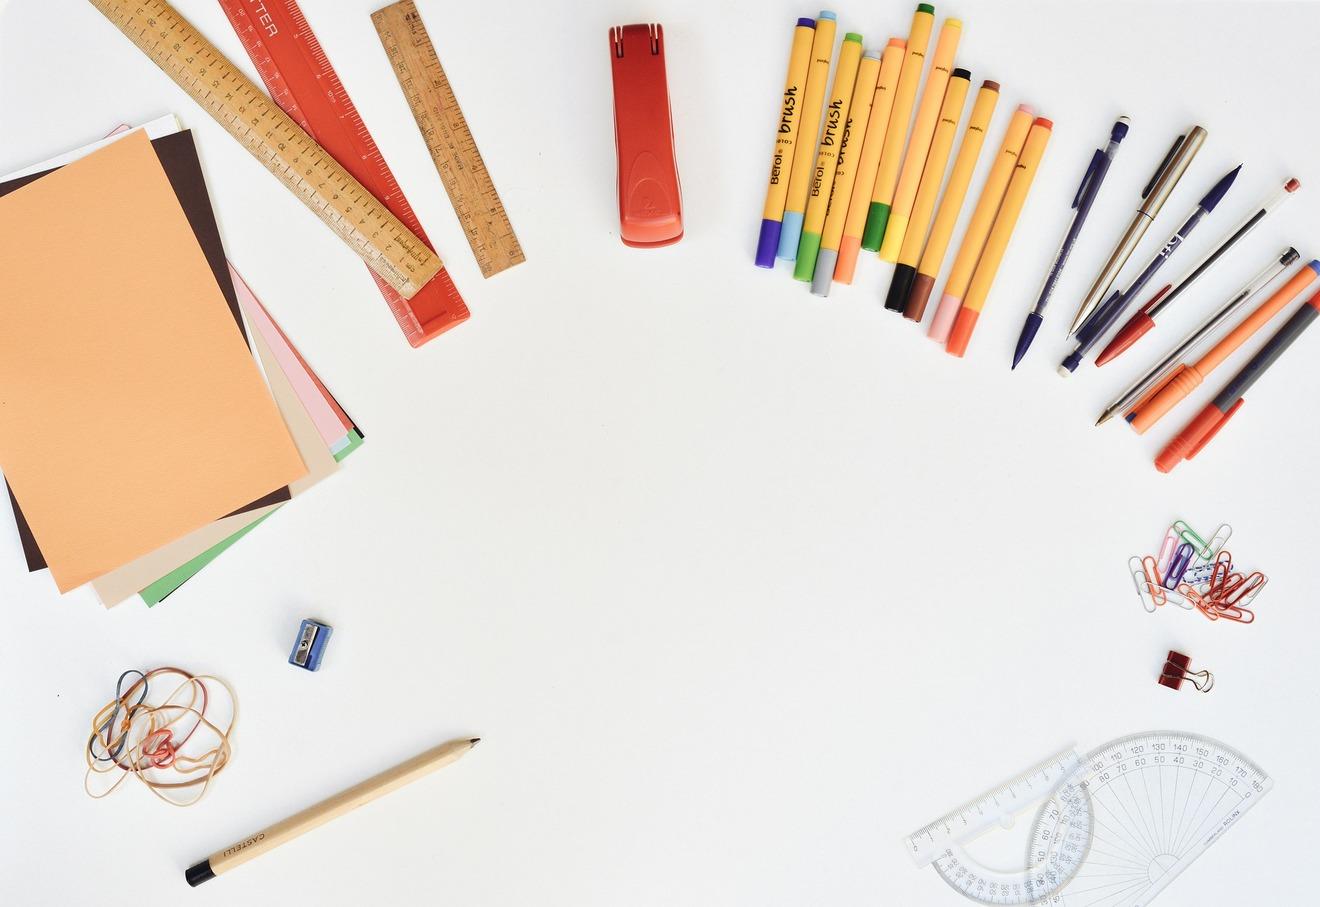 共に学び合うインクルーシブ教育とは?定義から背景、課題、具体例まで